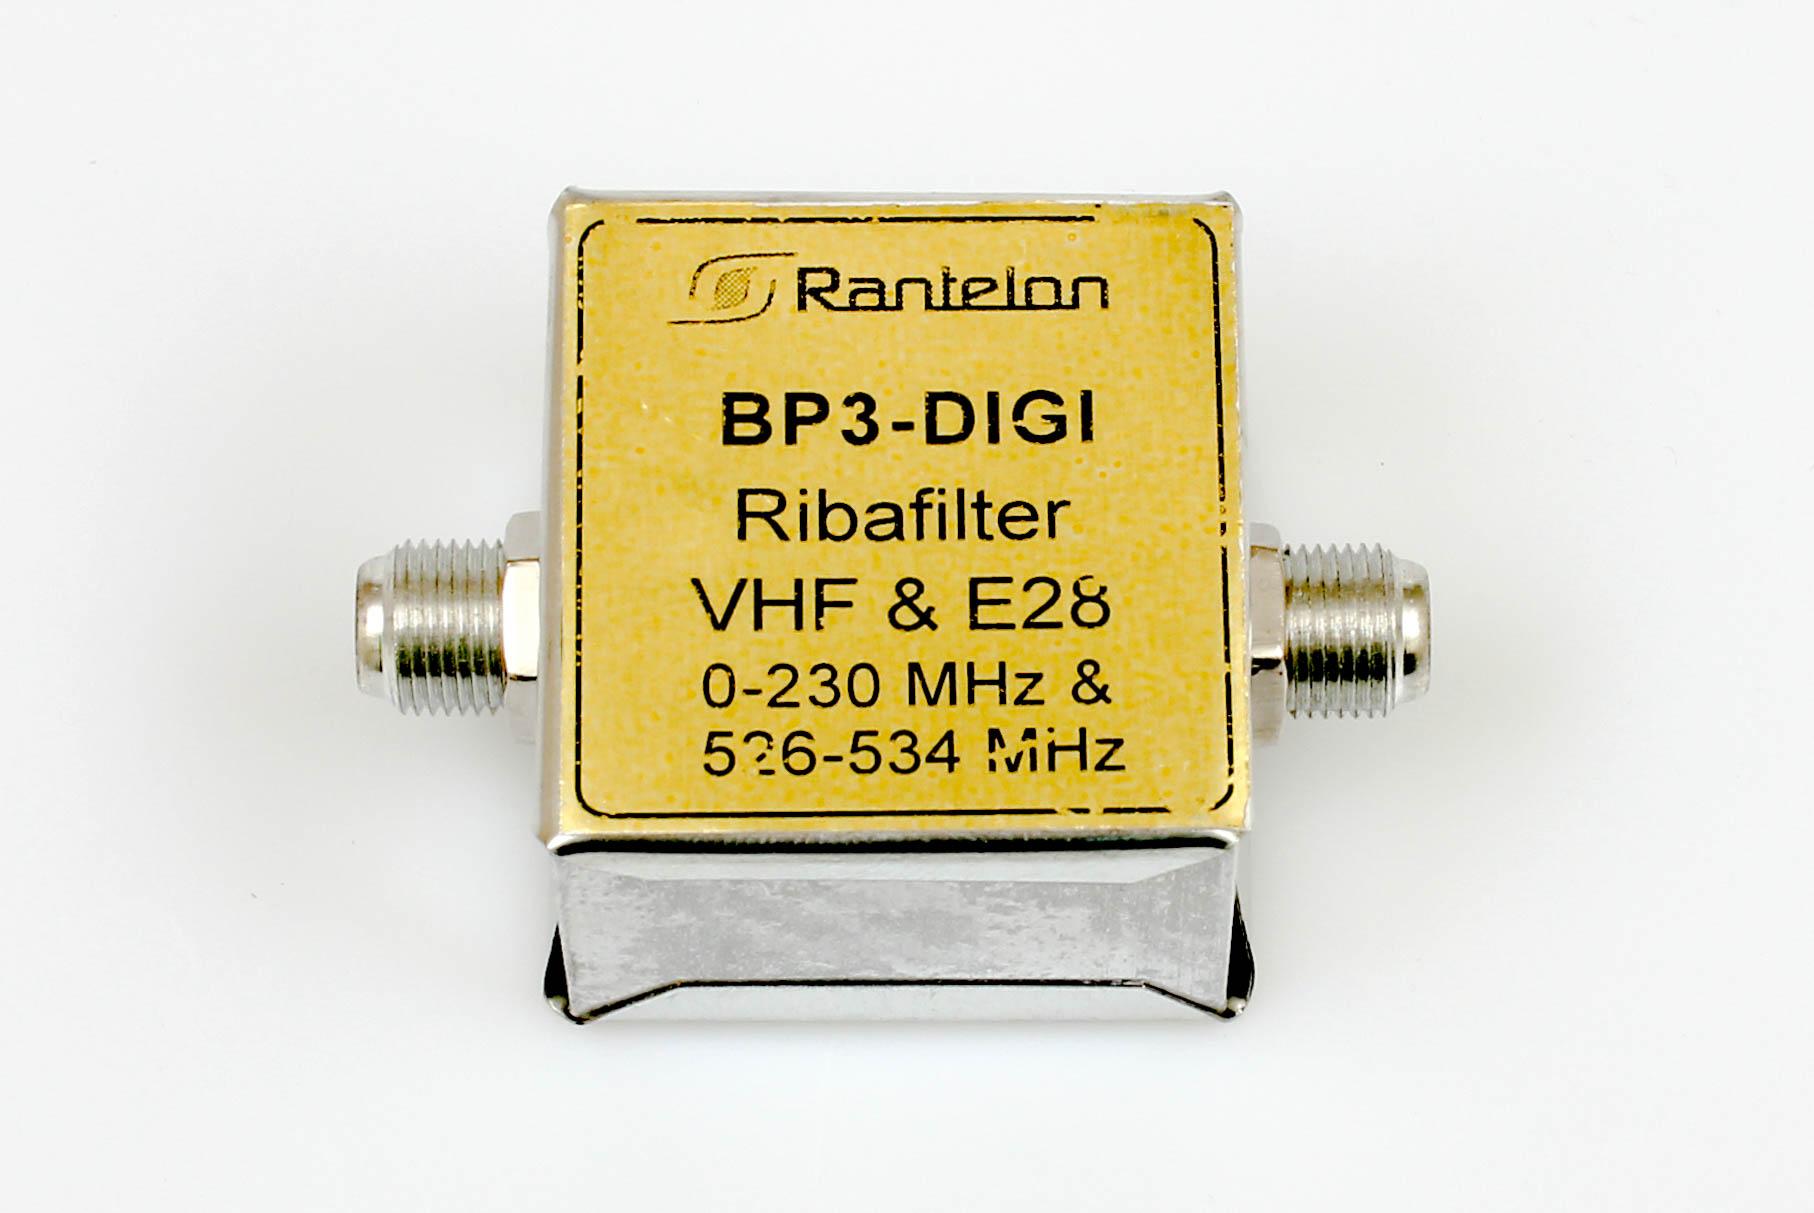 BP3-DIGI